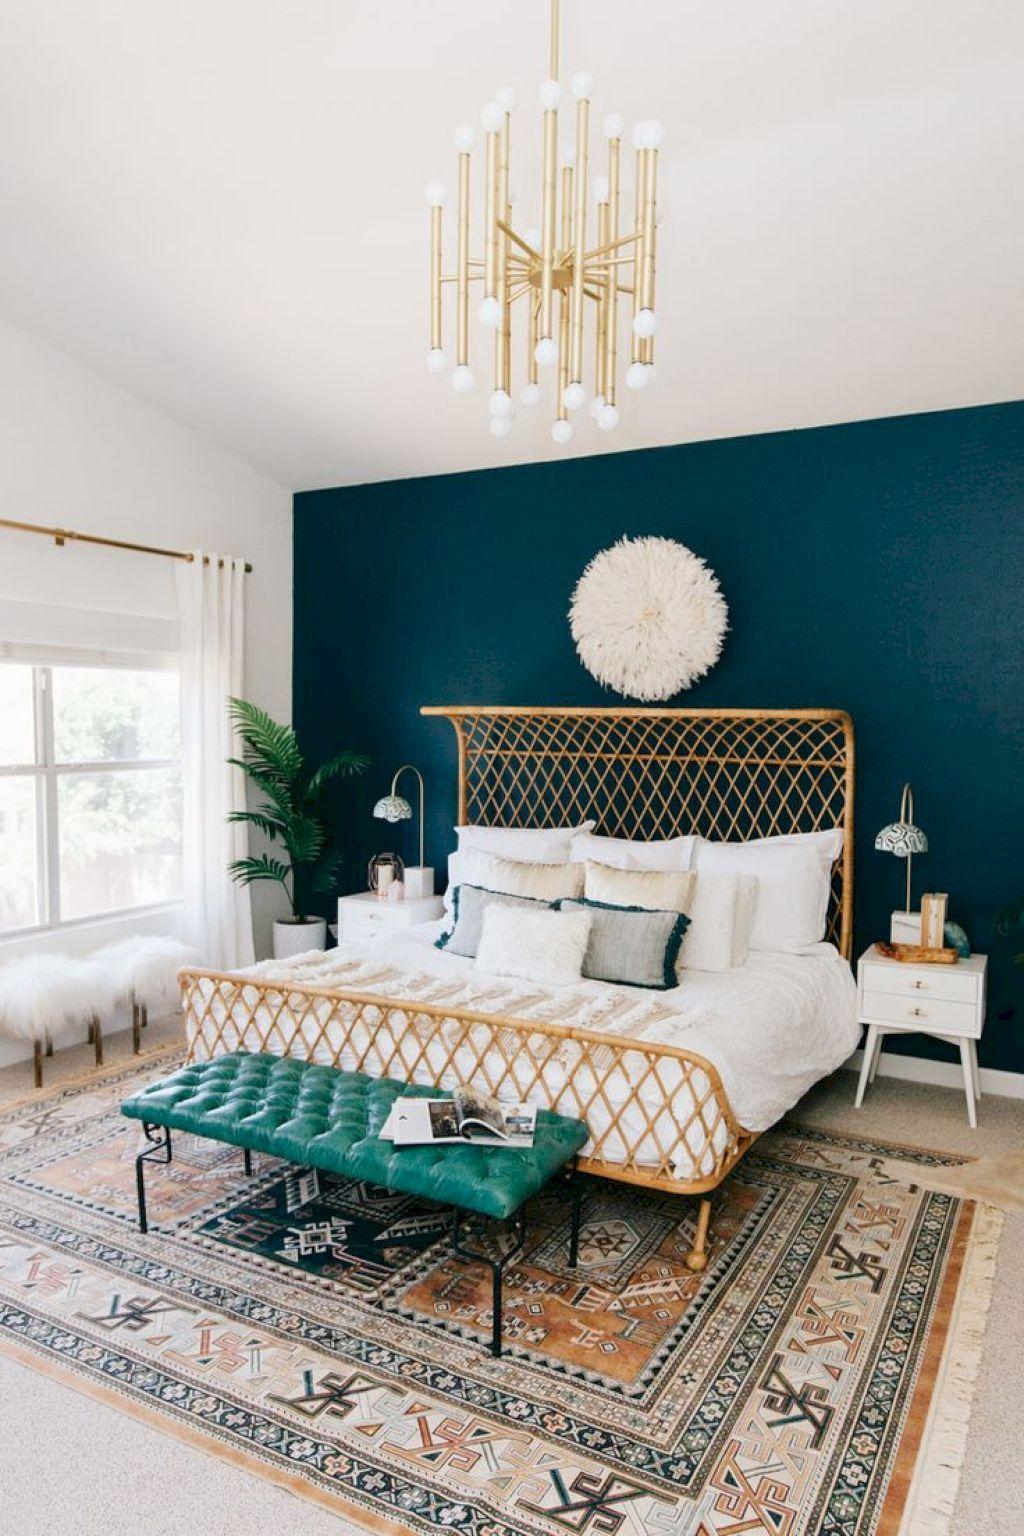 77 comfy bedroom decor ideas pinterest comfy and bedrooms